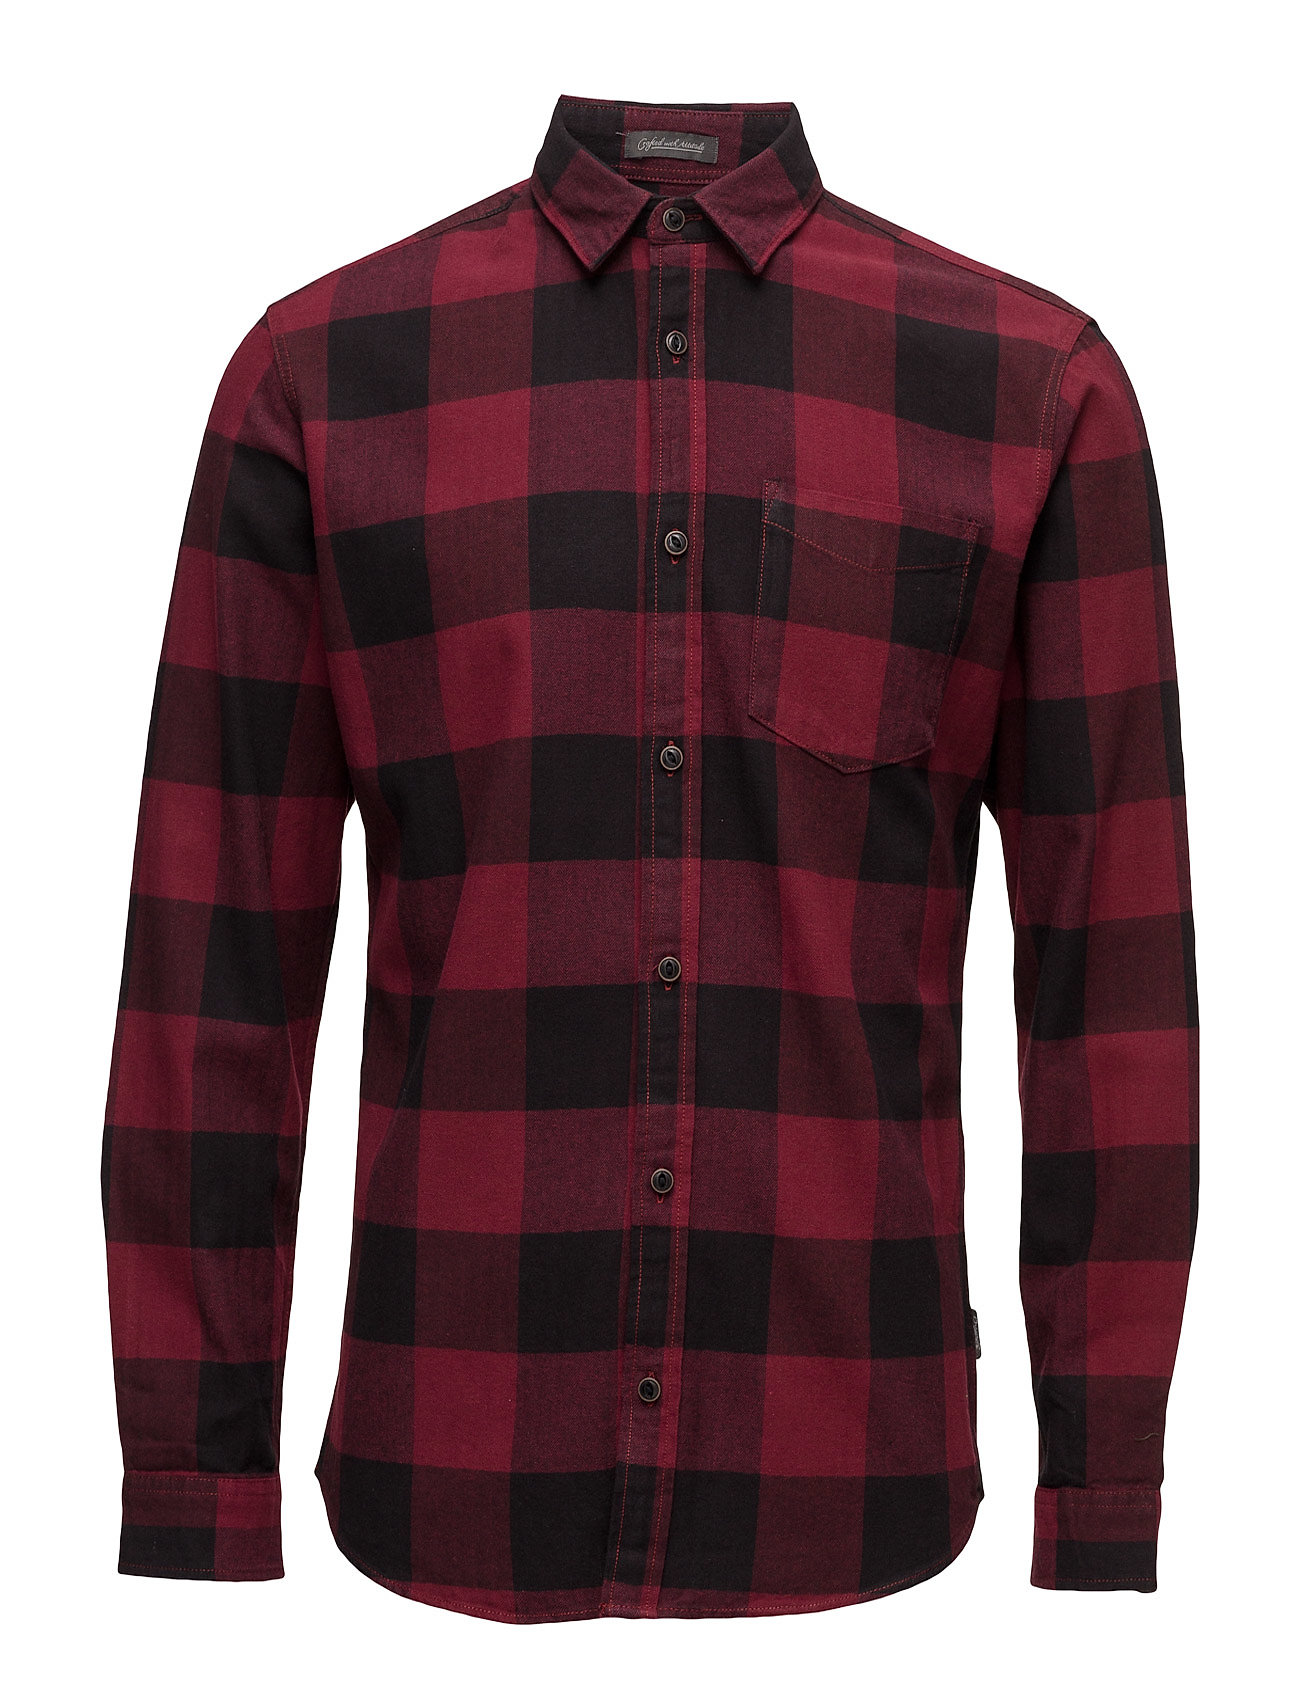 jack & jones original – Jorfrisk shirt ls noos på boozt.com dk